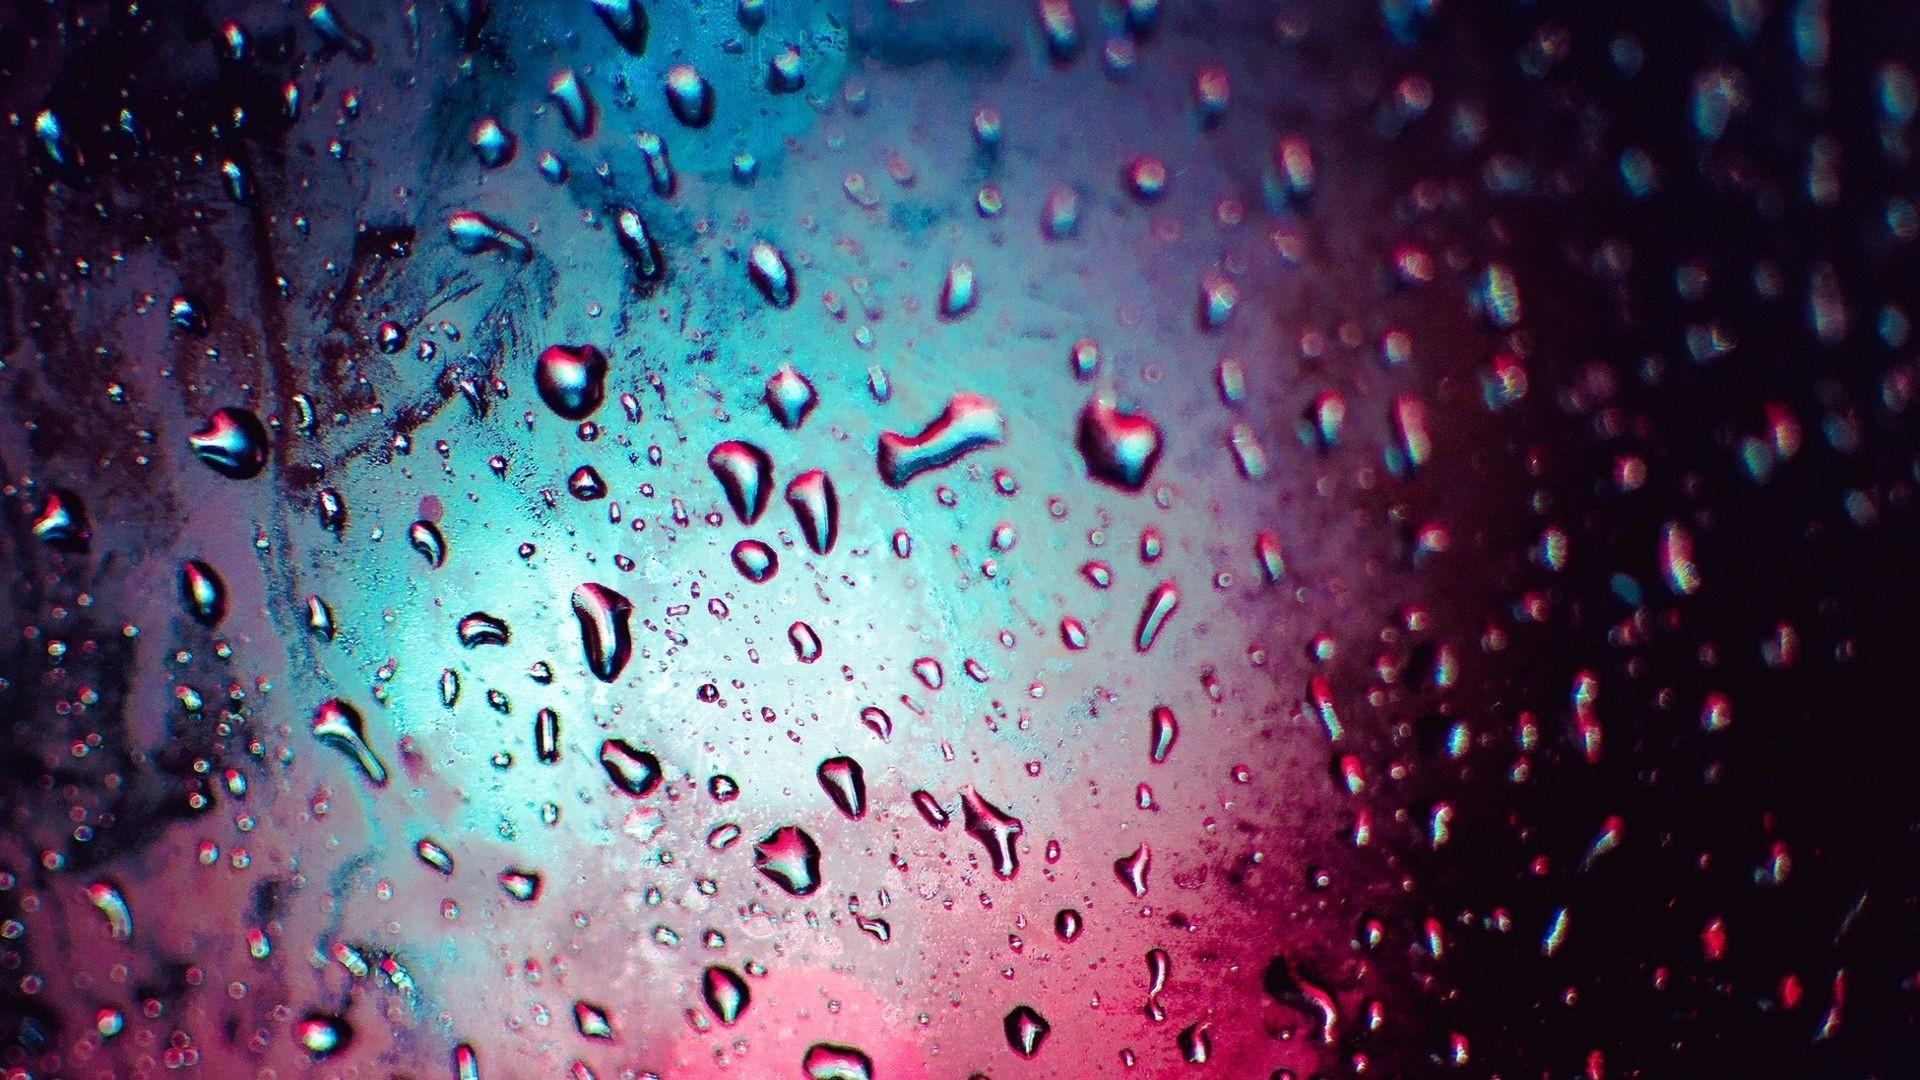 Water Drop computer wallpaper